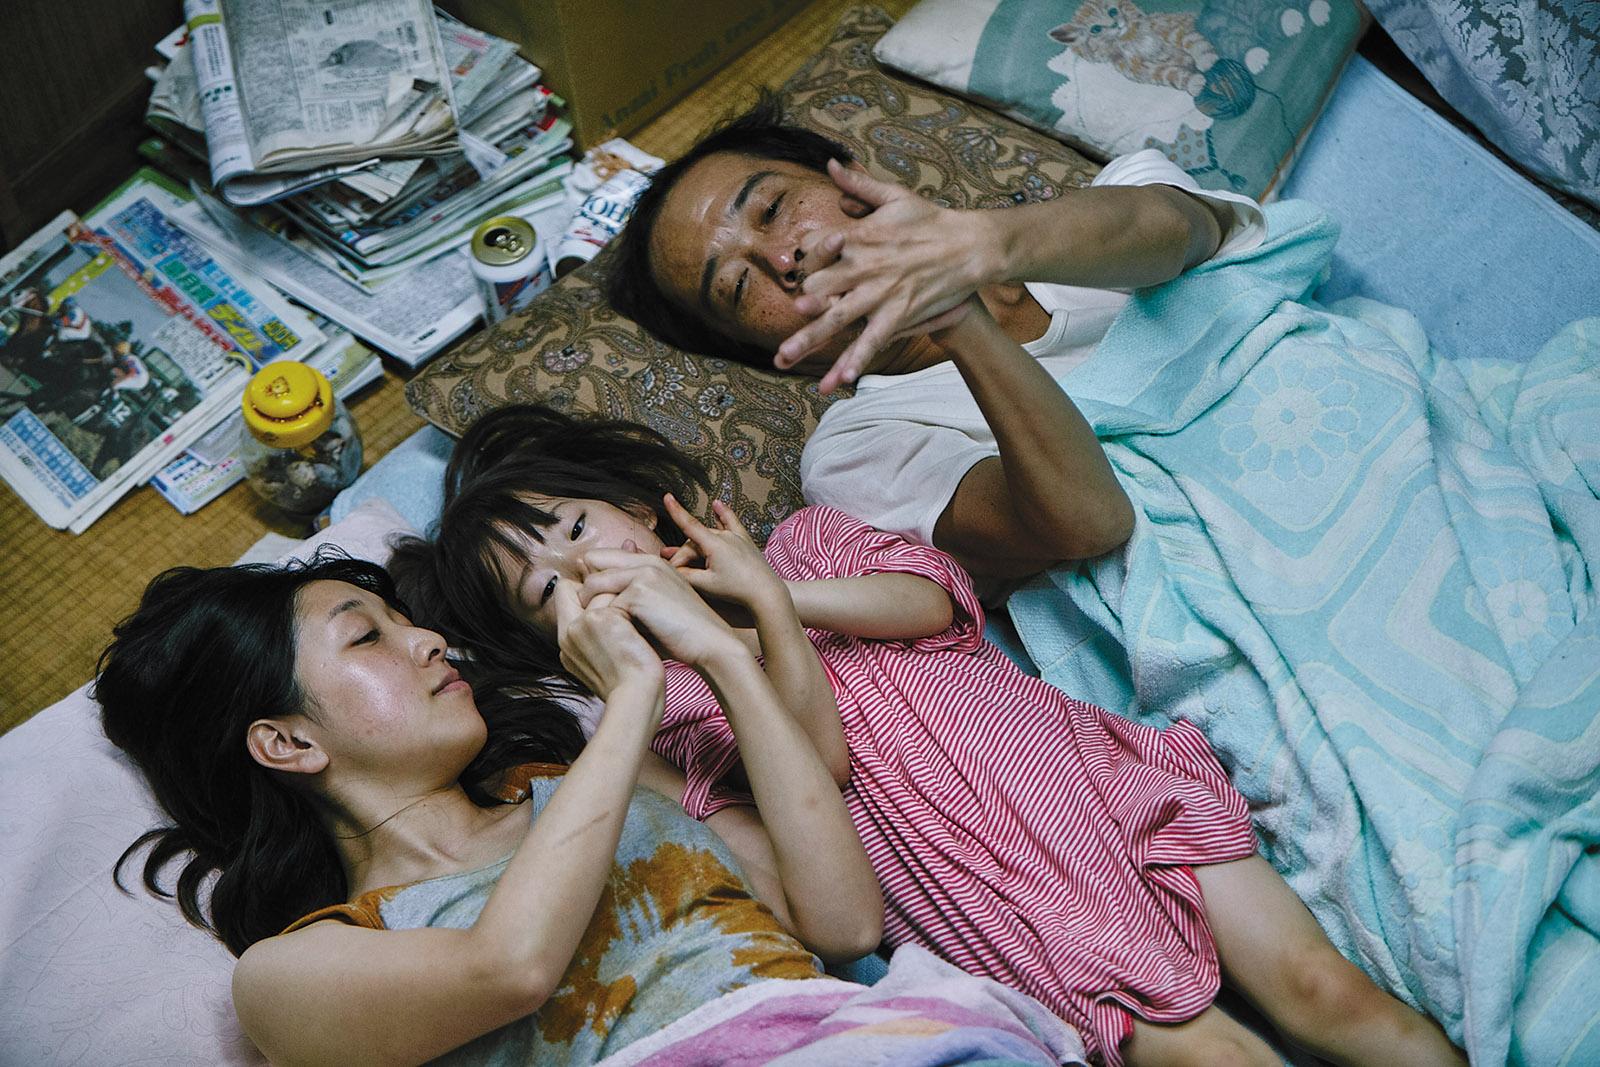 Sakura Ando, Miyu Sasaki, and Lily Franky as Nobuyo, Yuri, and Osamu in Shoplifters, 2018